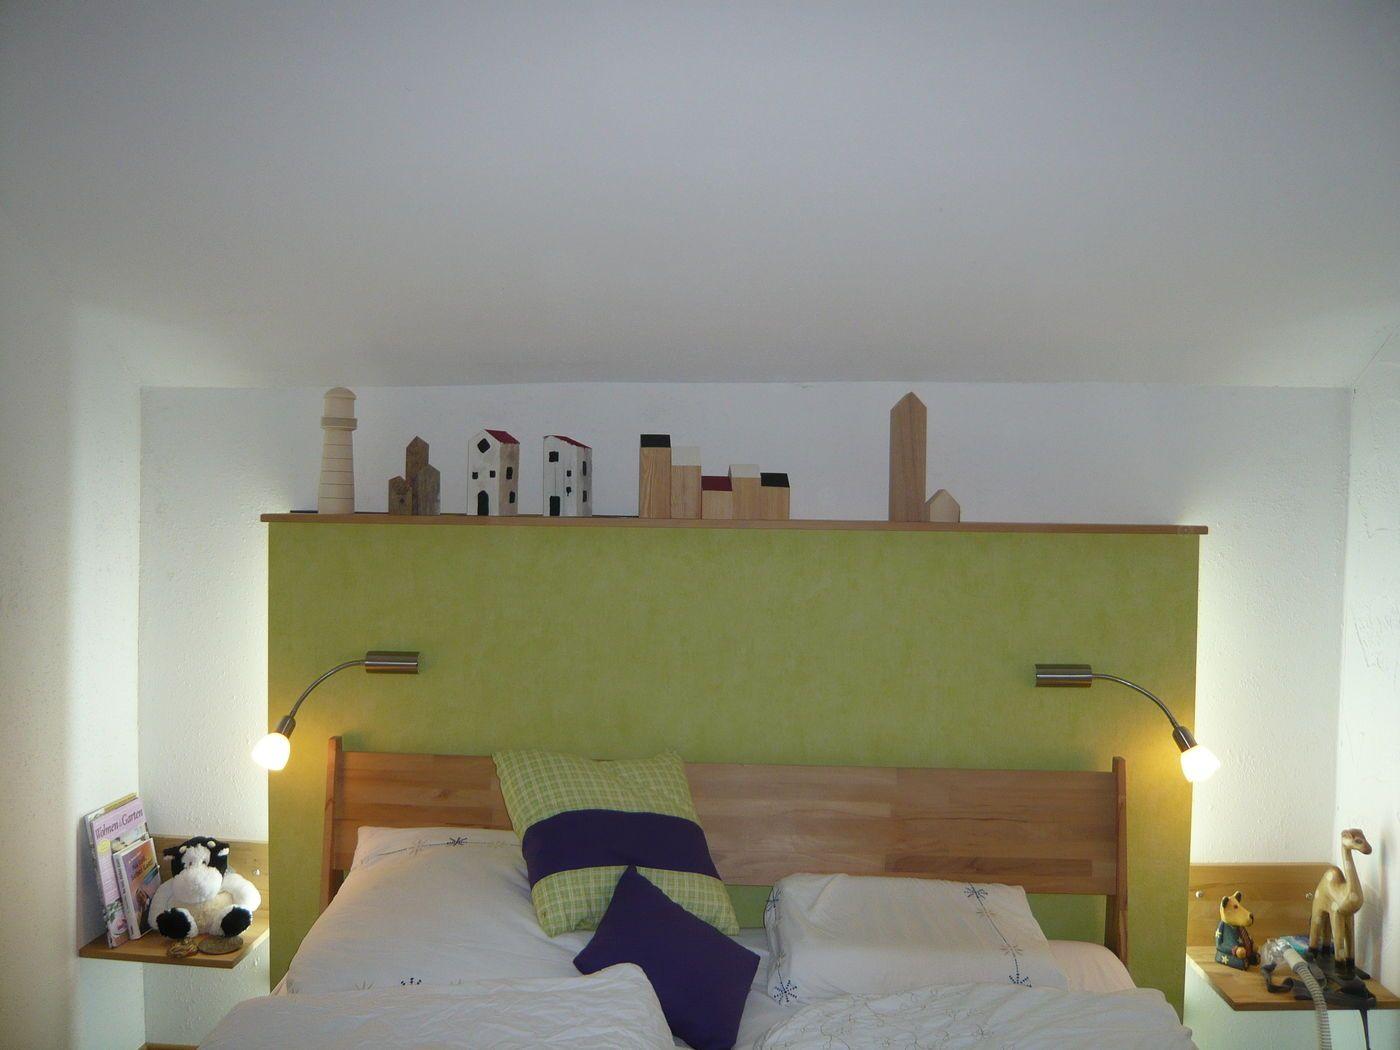 Die besten Schlafzimmer Deko Ideen - Seite 8